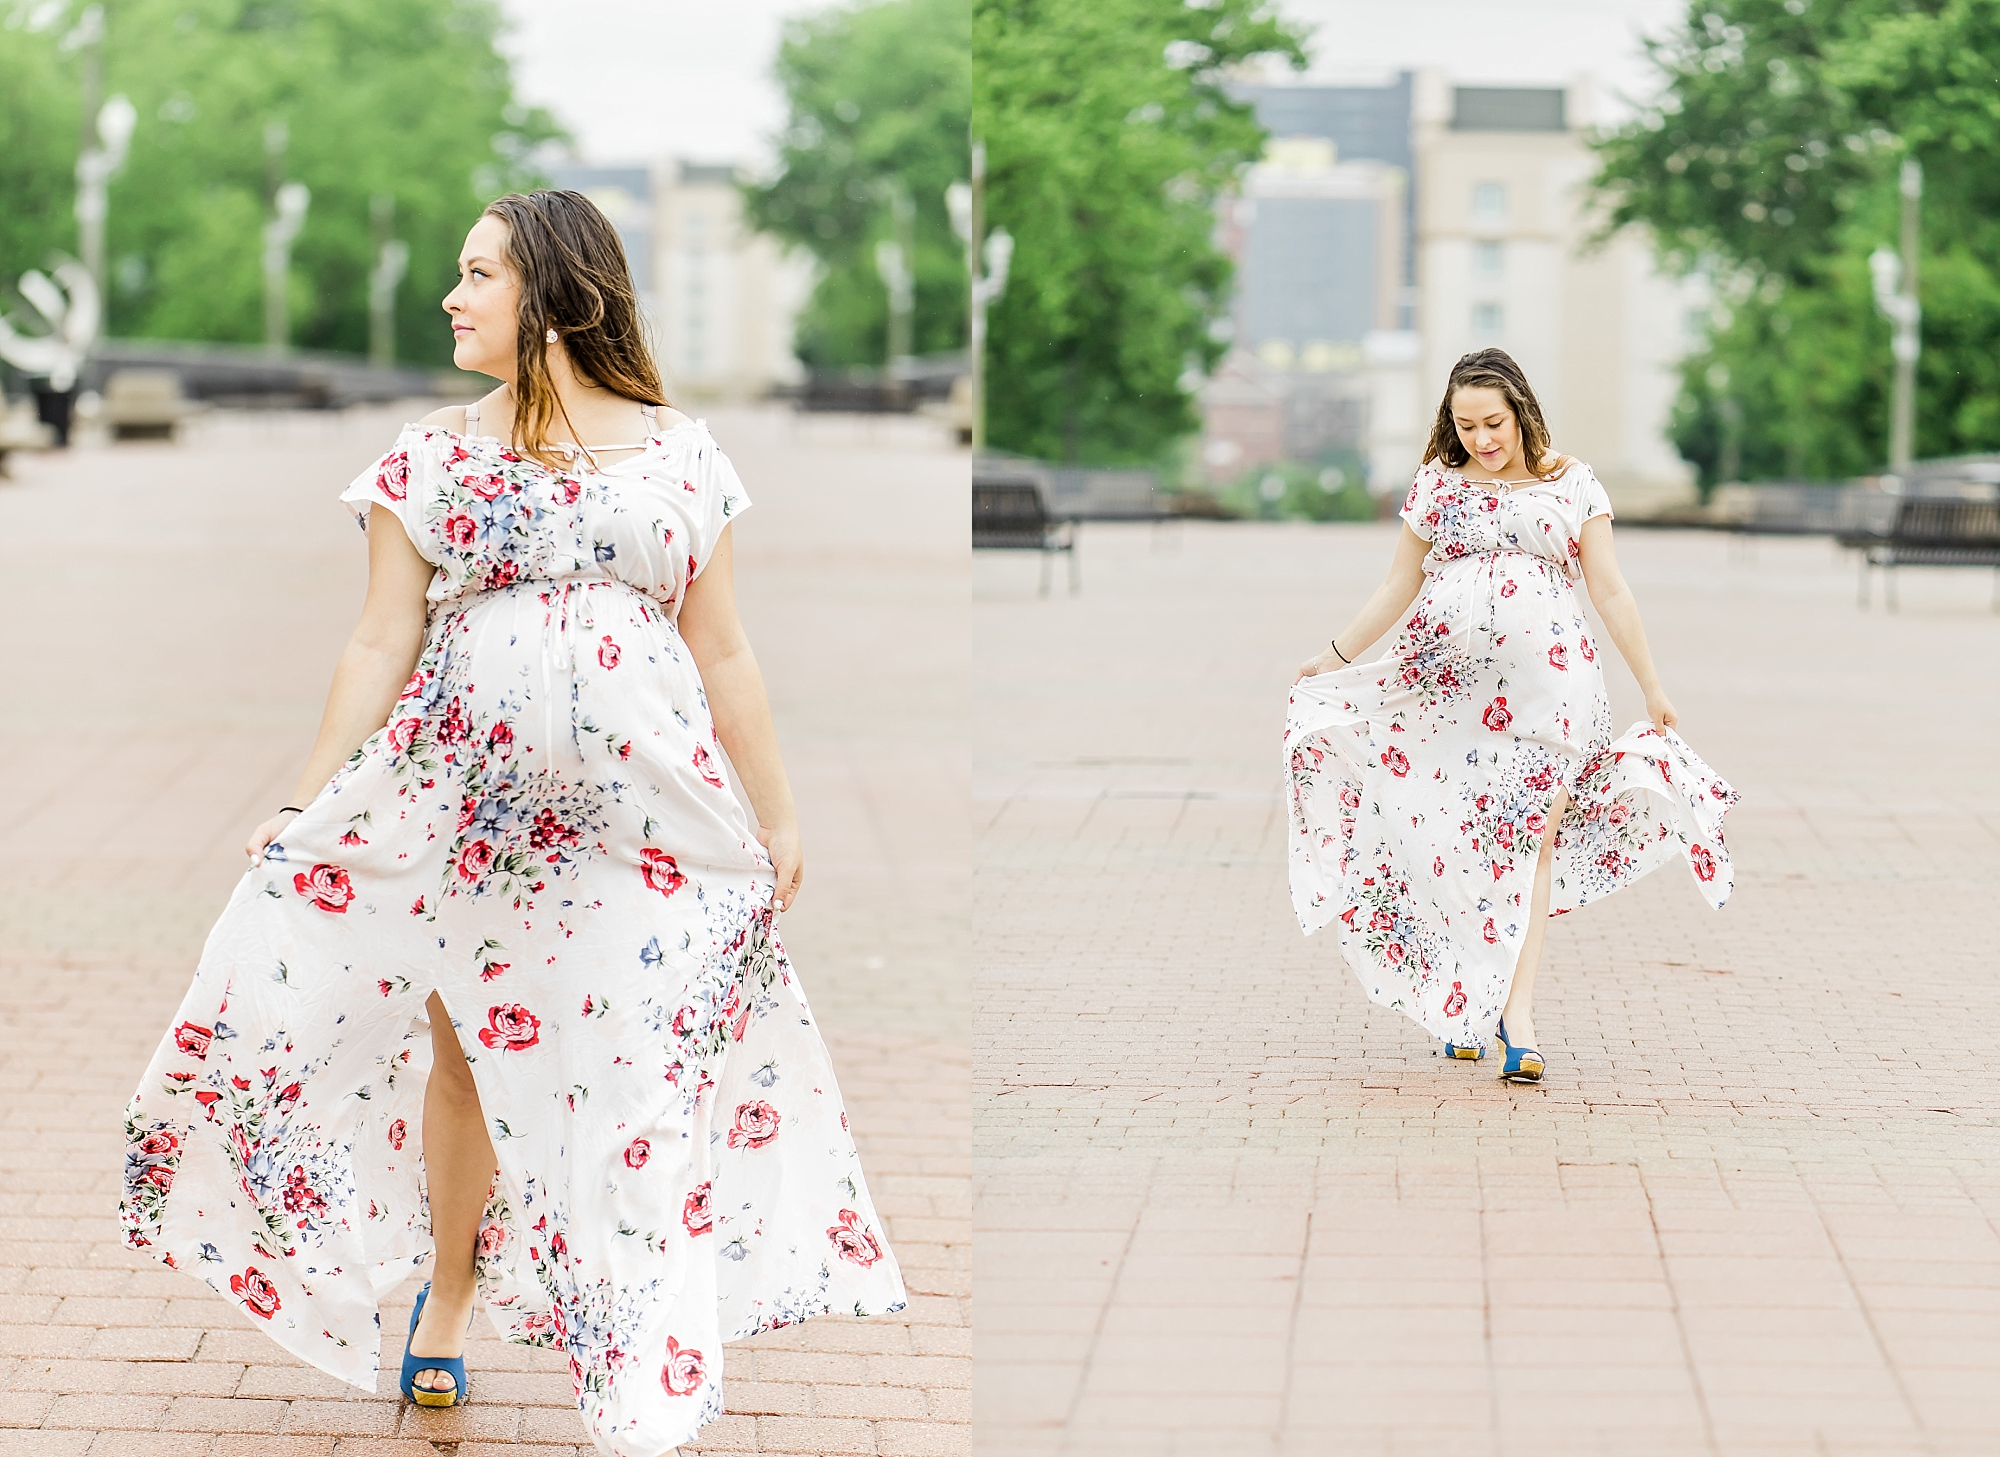 lafayette indiana rainy maternity session surprise engagement_0338.jpg